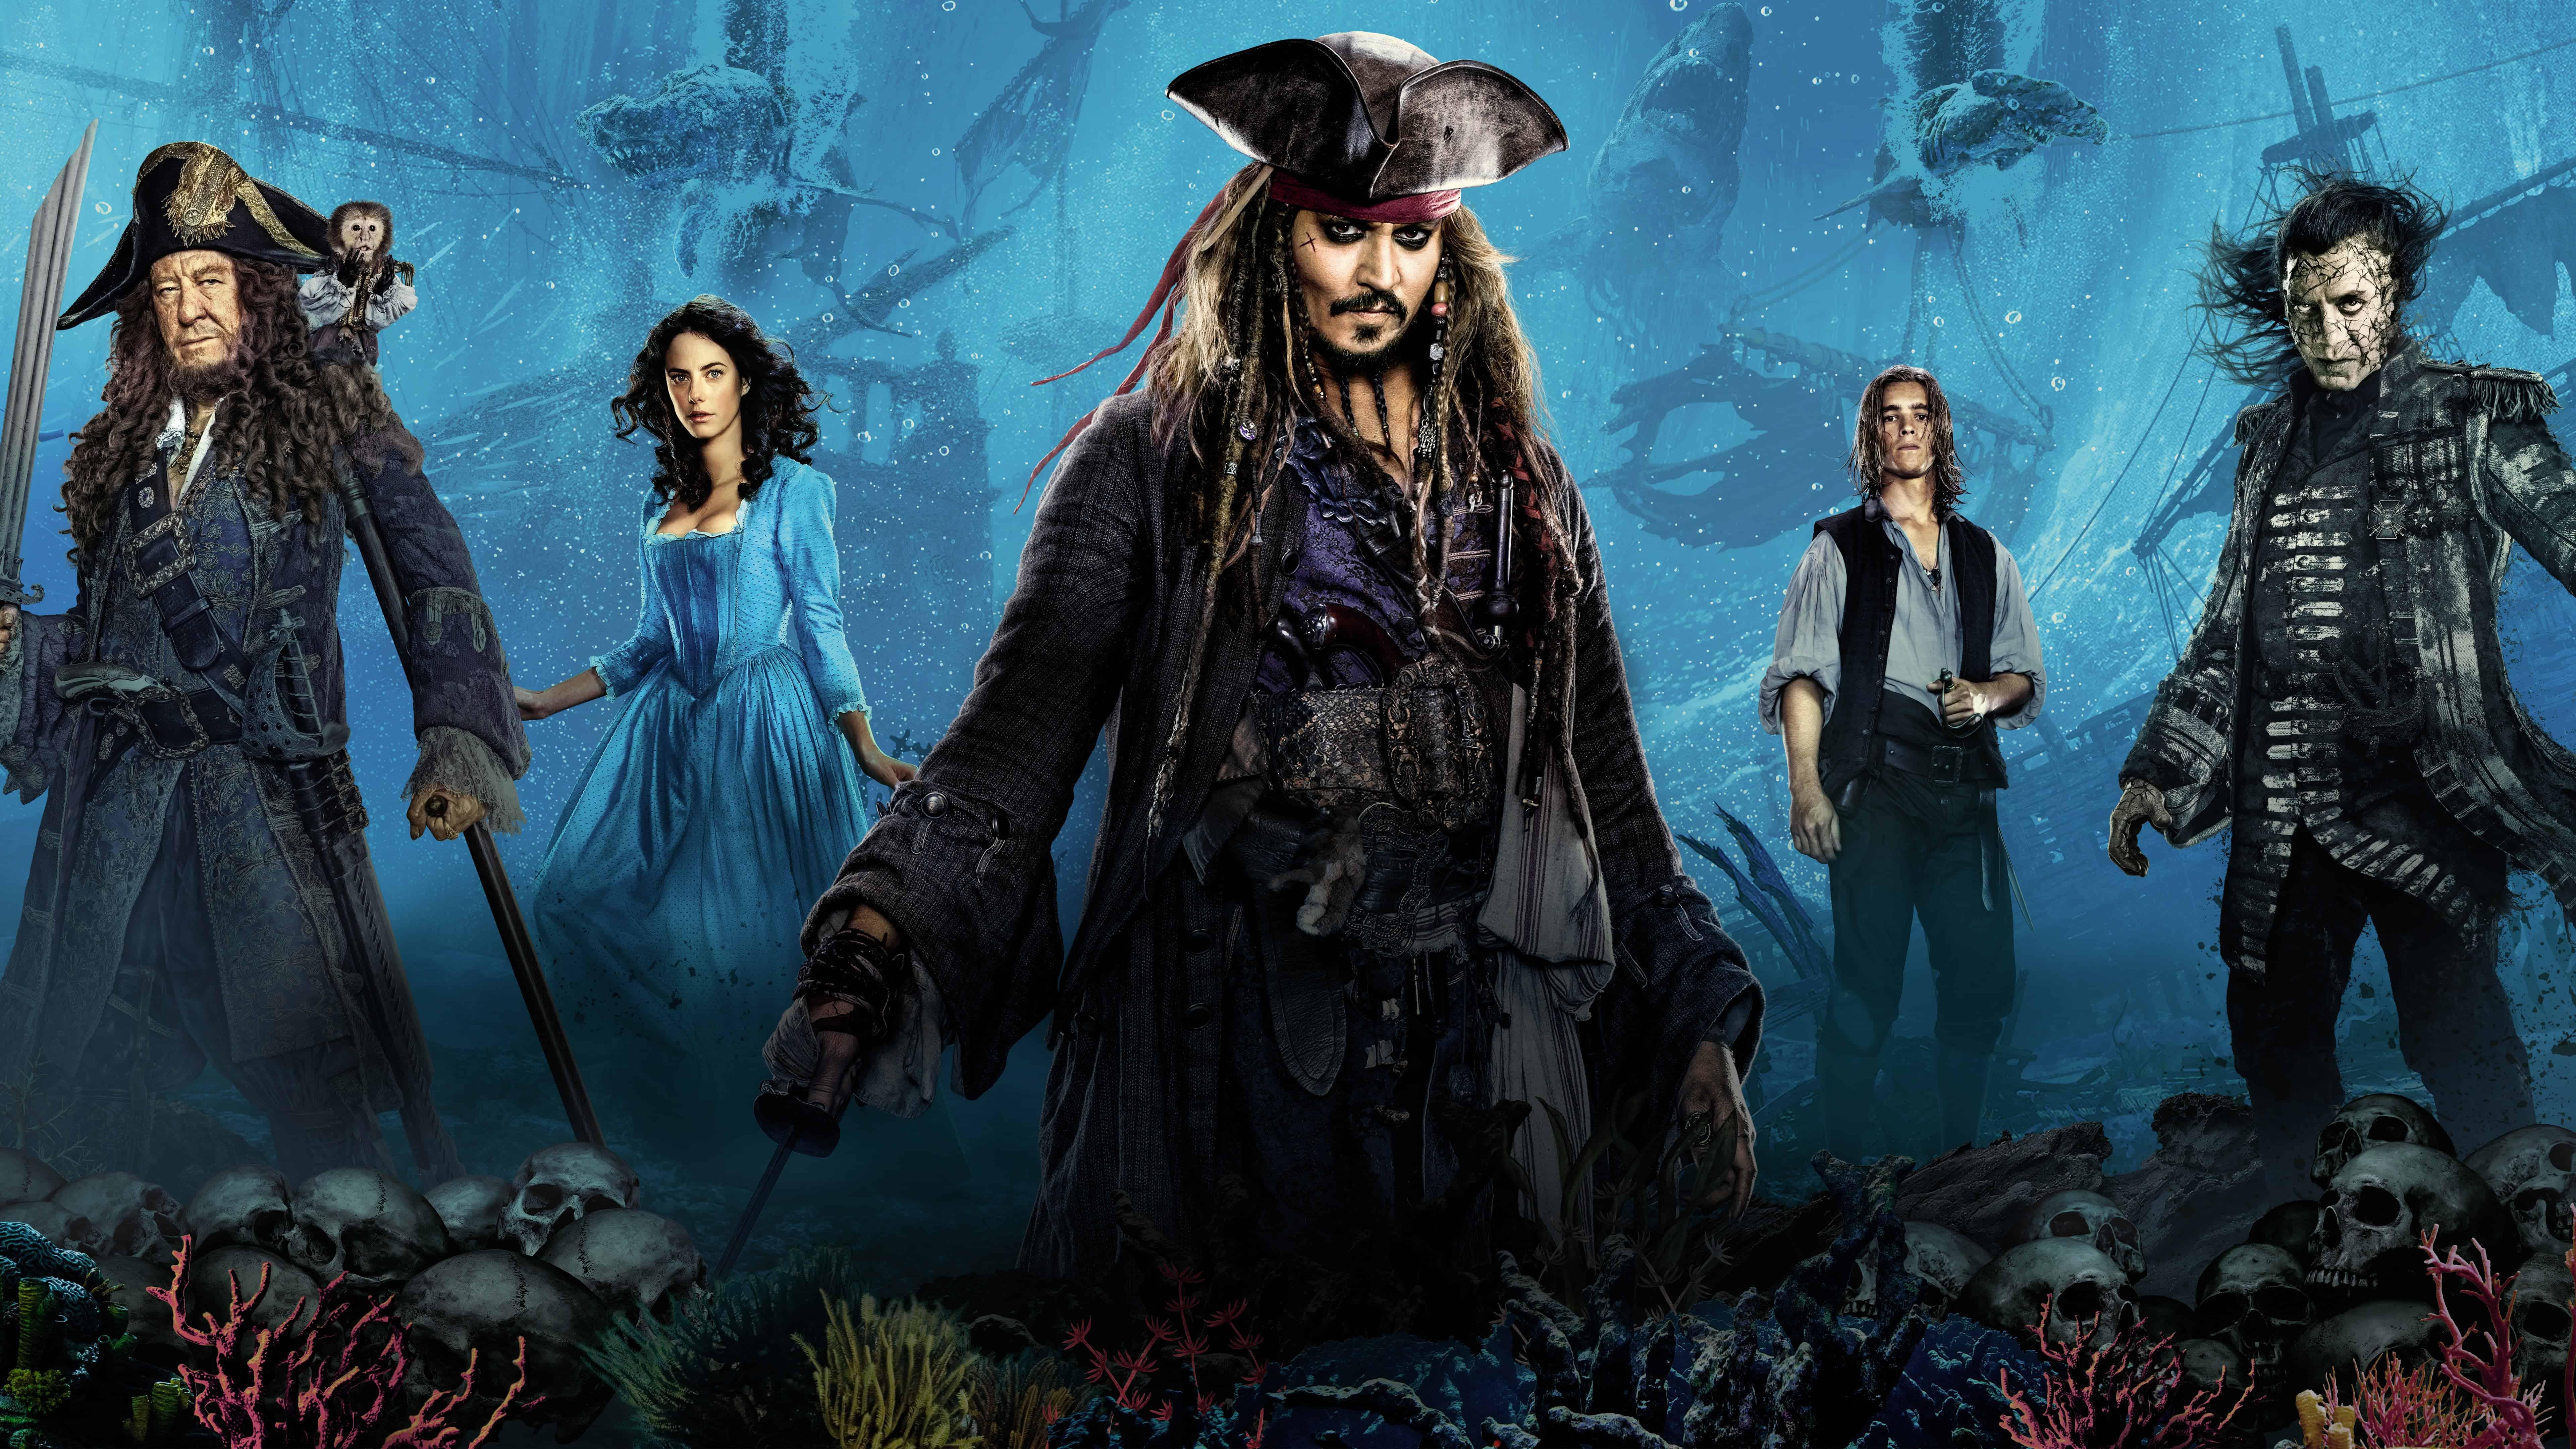 Dead Men Tell No Tales Wallpaper: Pirates Of The Caribbean Dead Men Tell No Tales UHD 8K